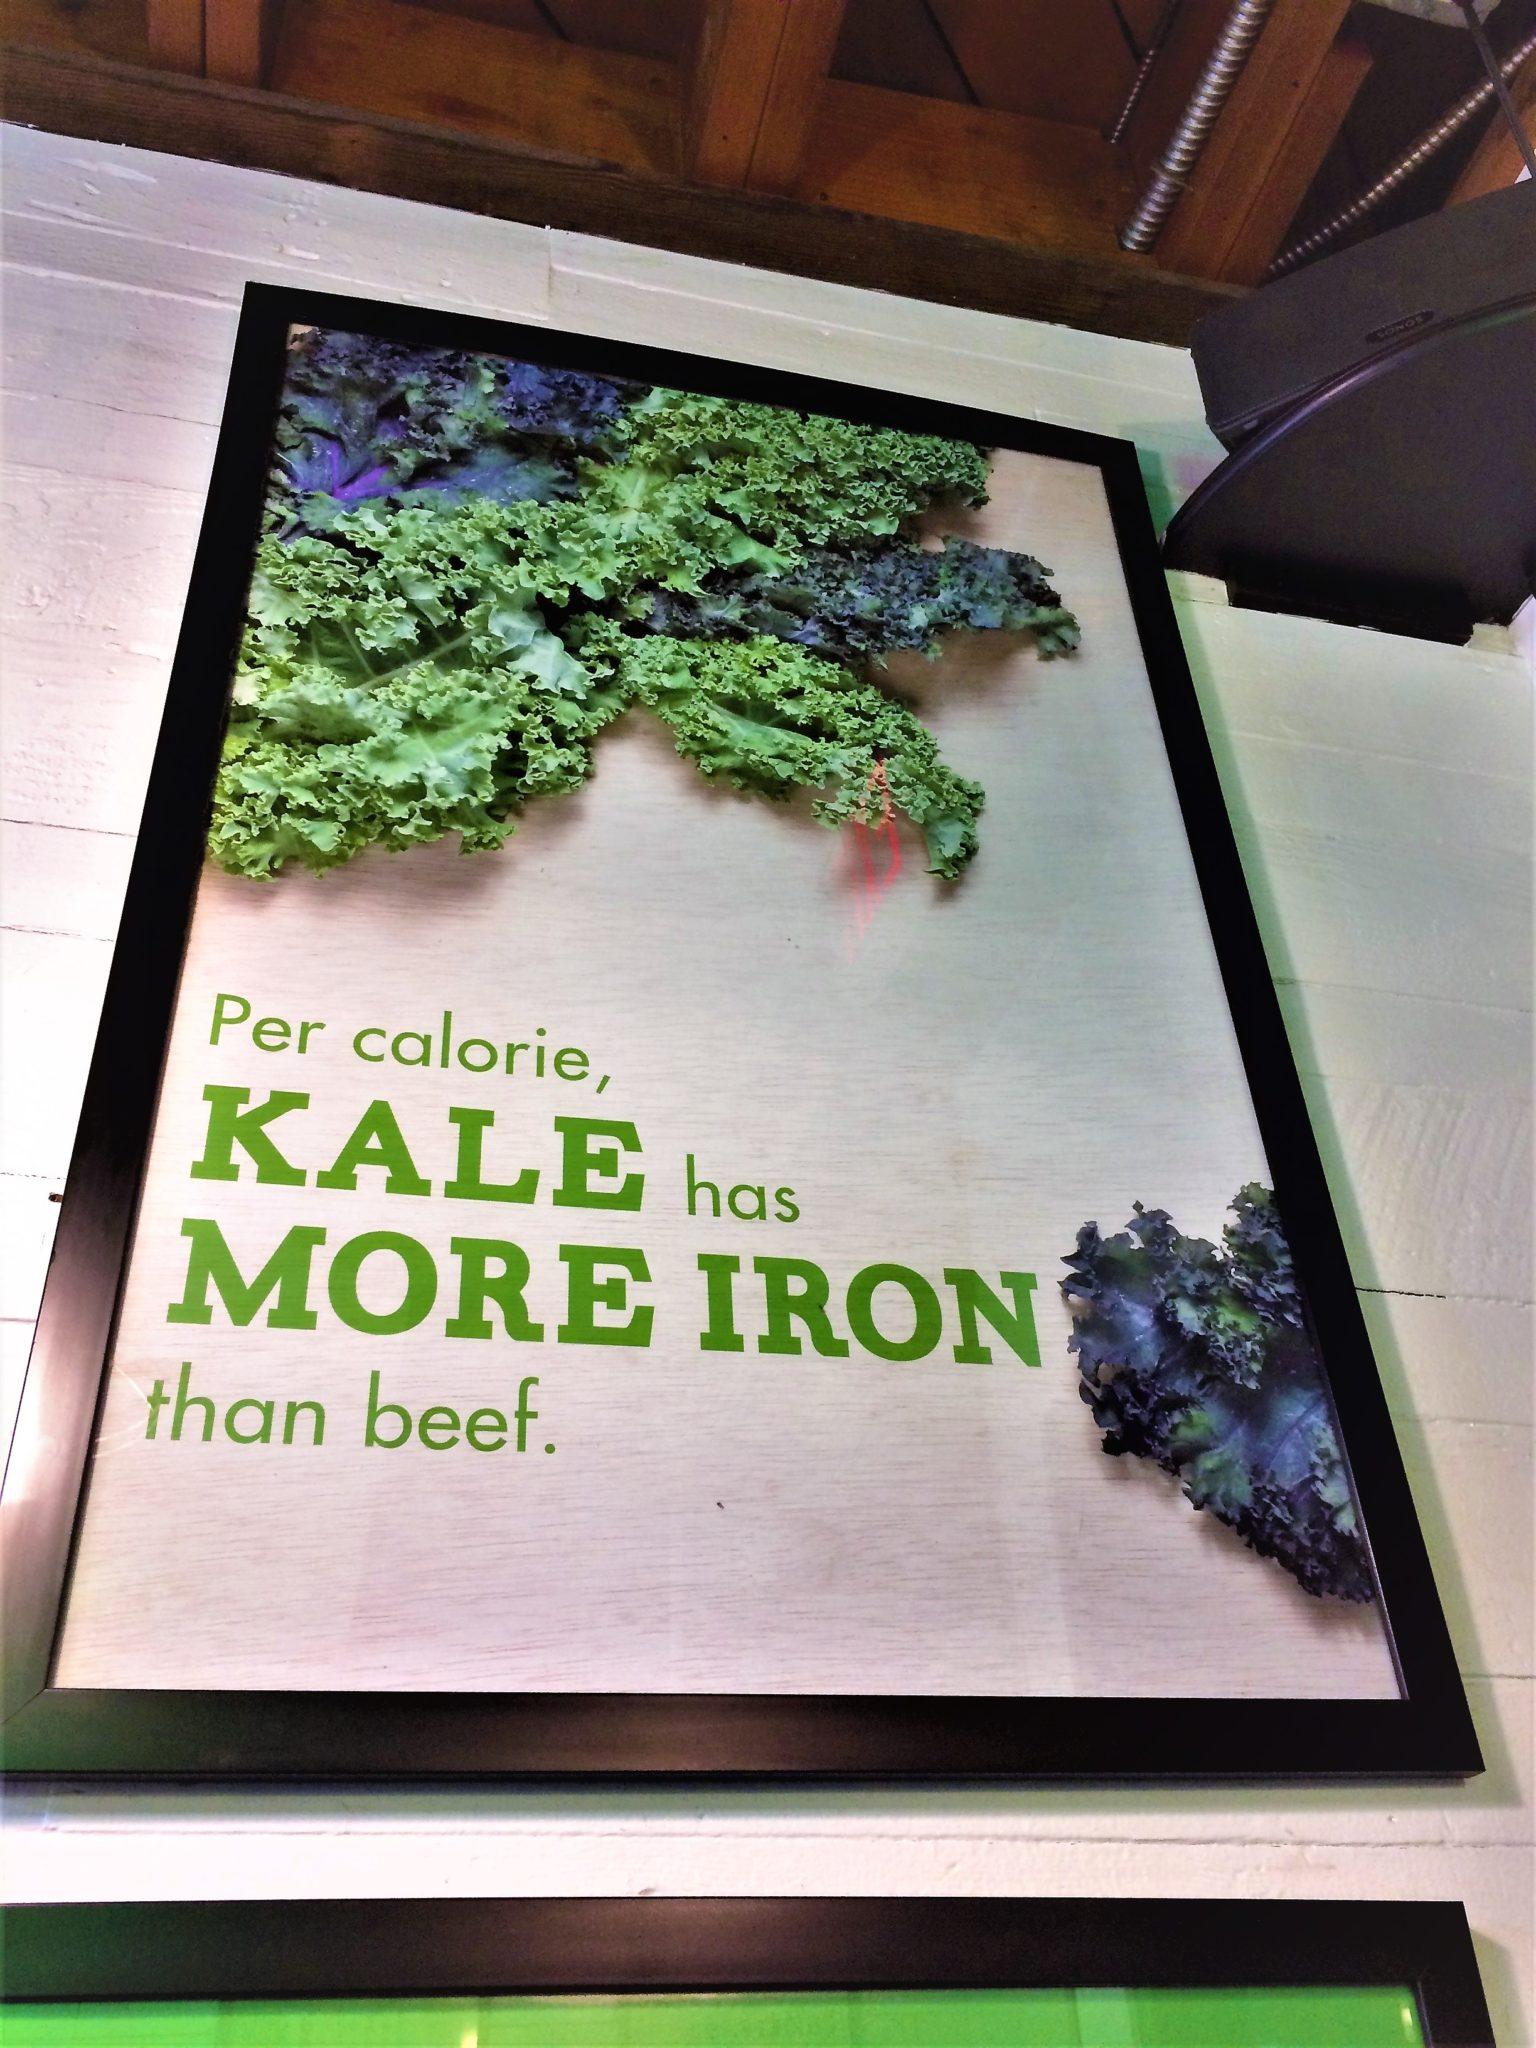 Shop signs, Fala Bar, vegan Los Angeles